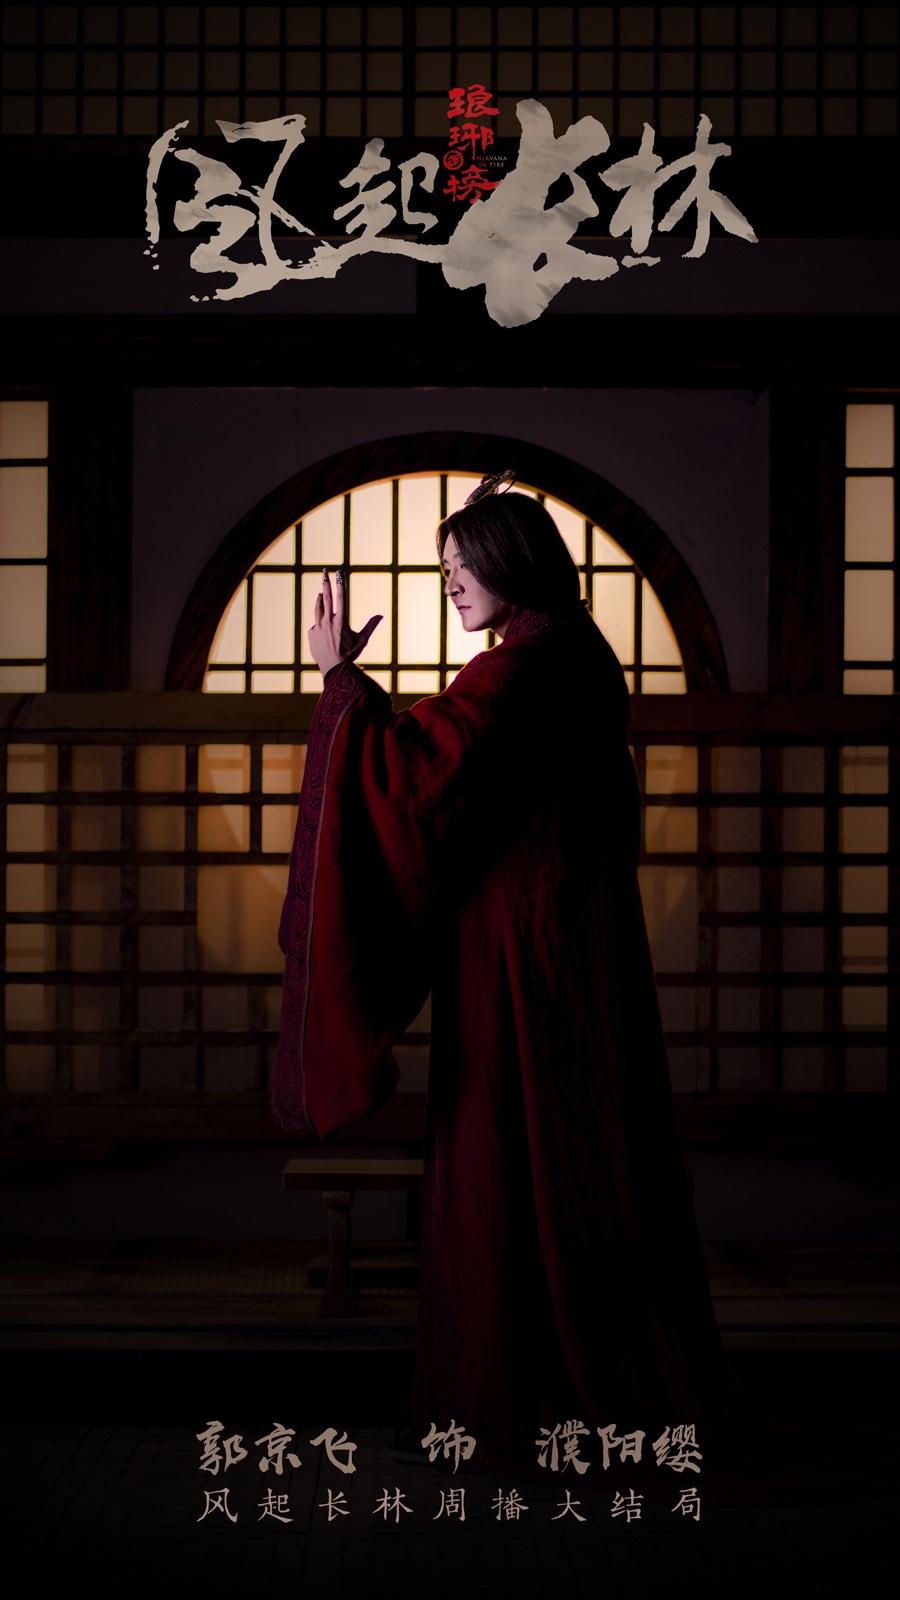 萧平旌萧元启宫城决战 《琅琊榜之风起长林》今晚大结局